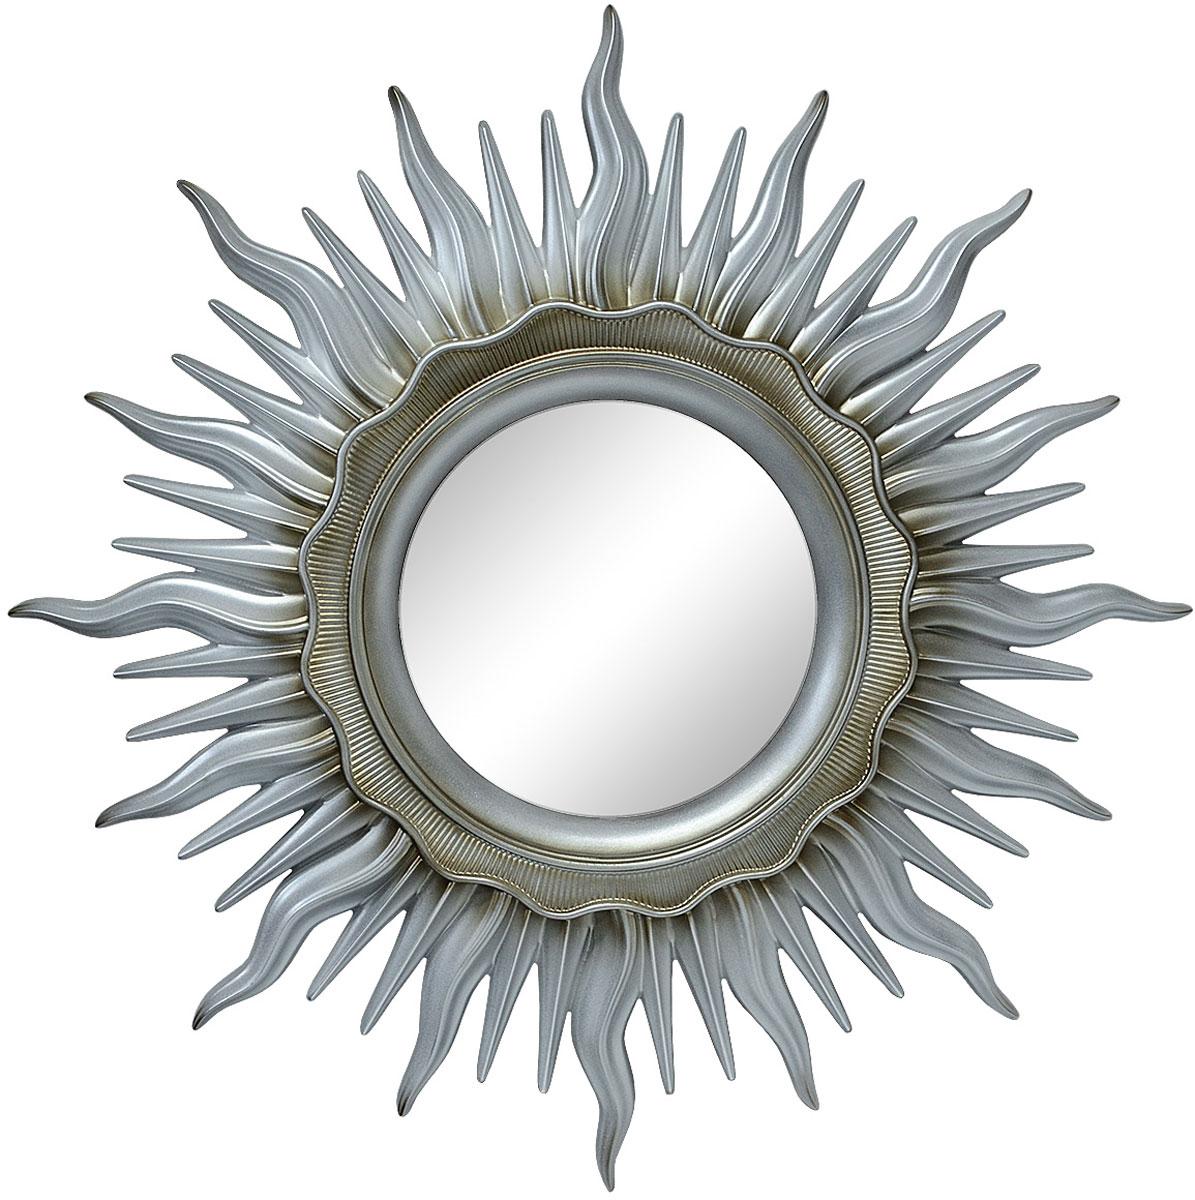 Зеркало VezzoLLi Астро, цвет: серый металлик, диаметр 96 см11-21